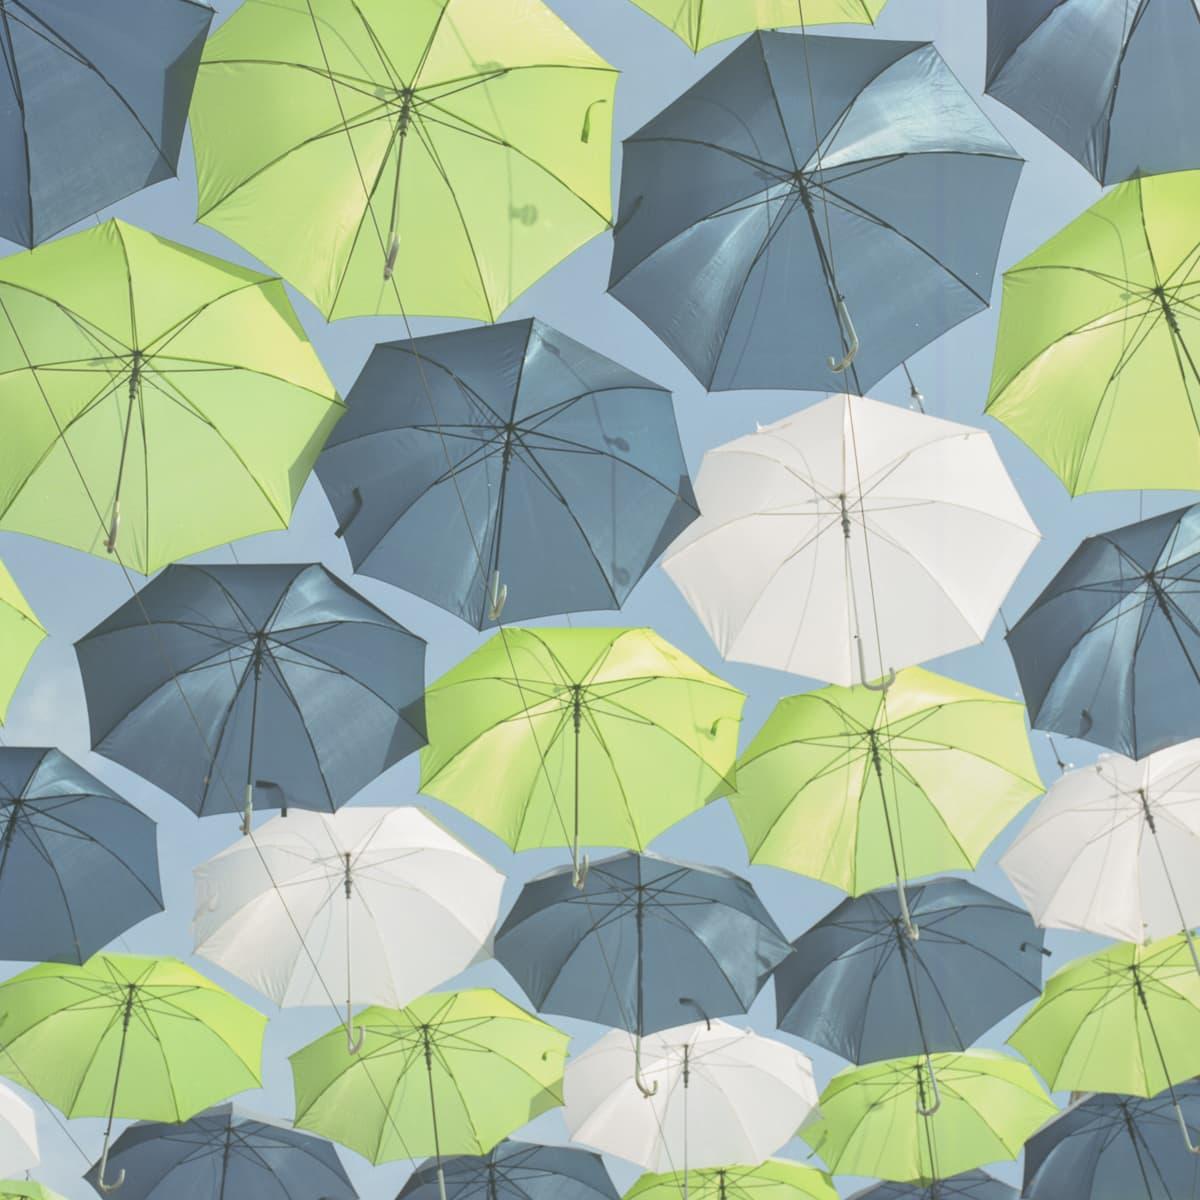 Umbrellas at the State Fair of Texas on Medium Format Film